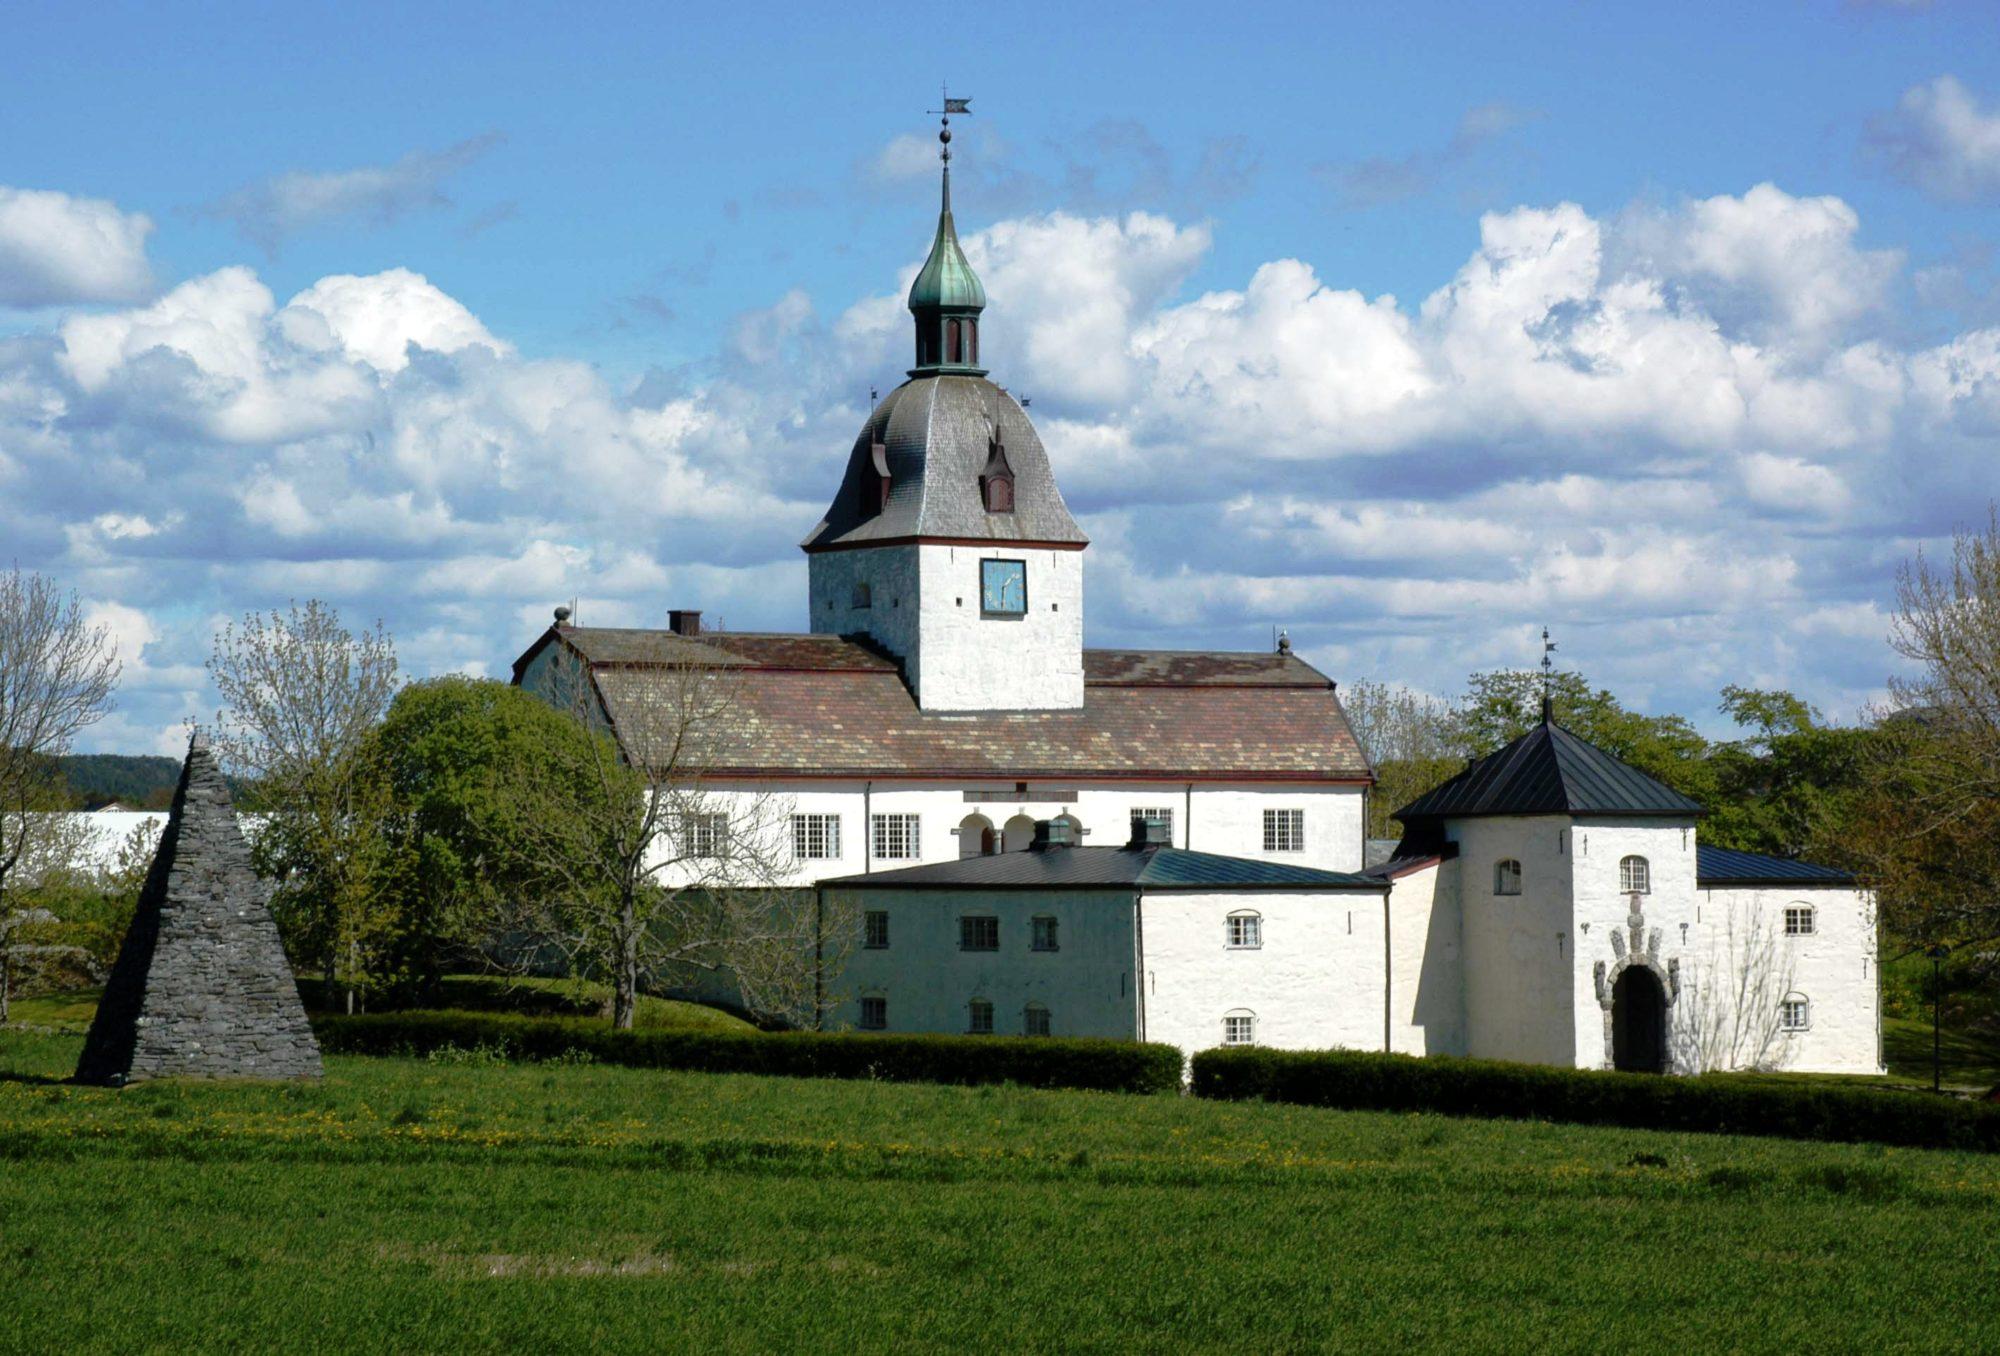 Austrått slott, på kysten av Trøndelag. Fot: Jette Petersen